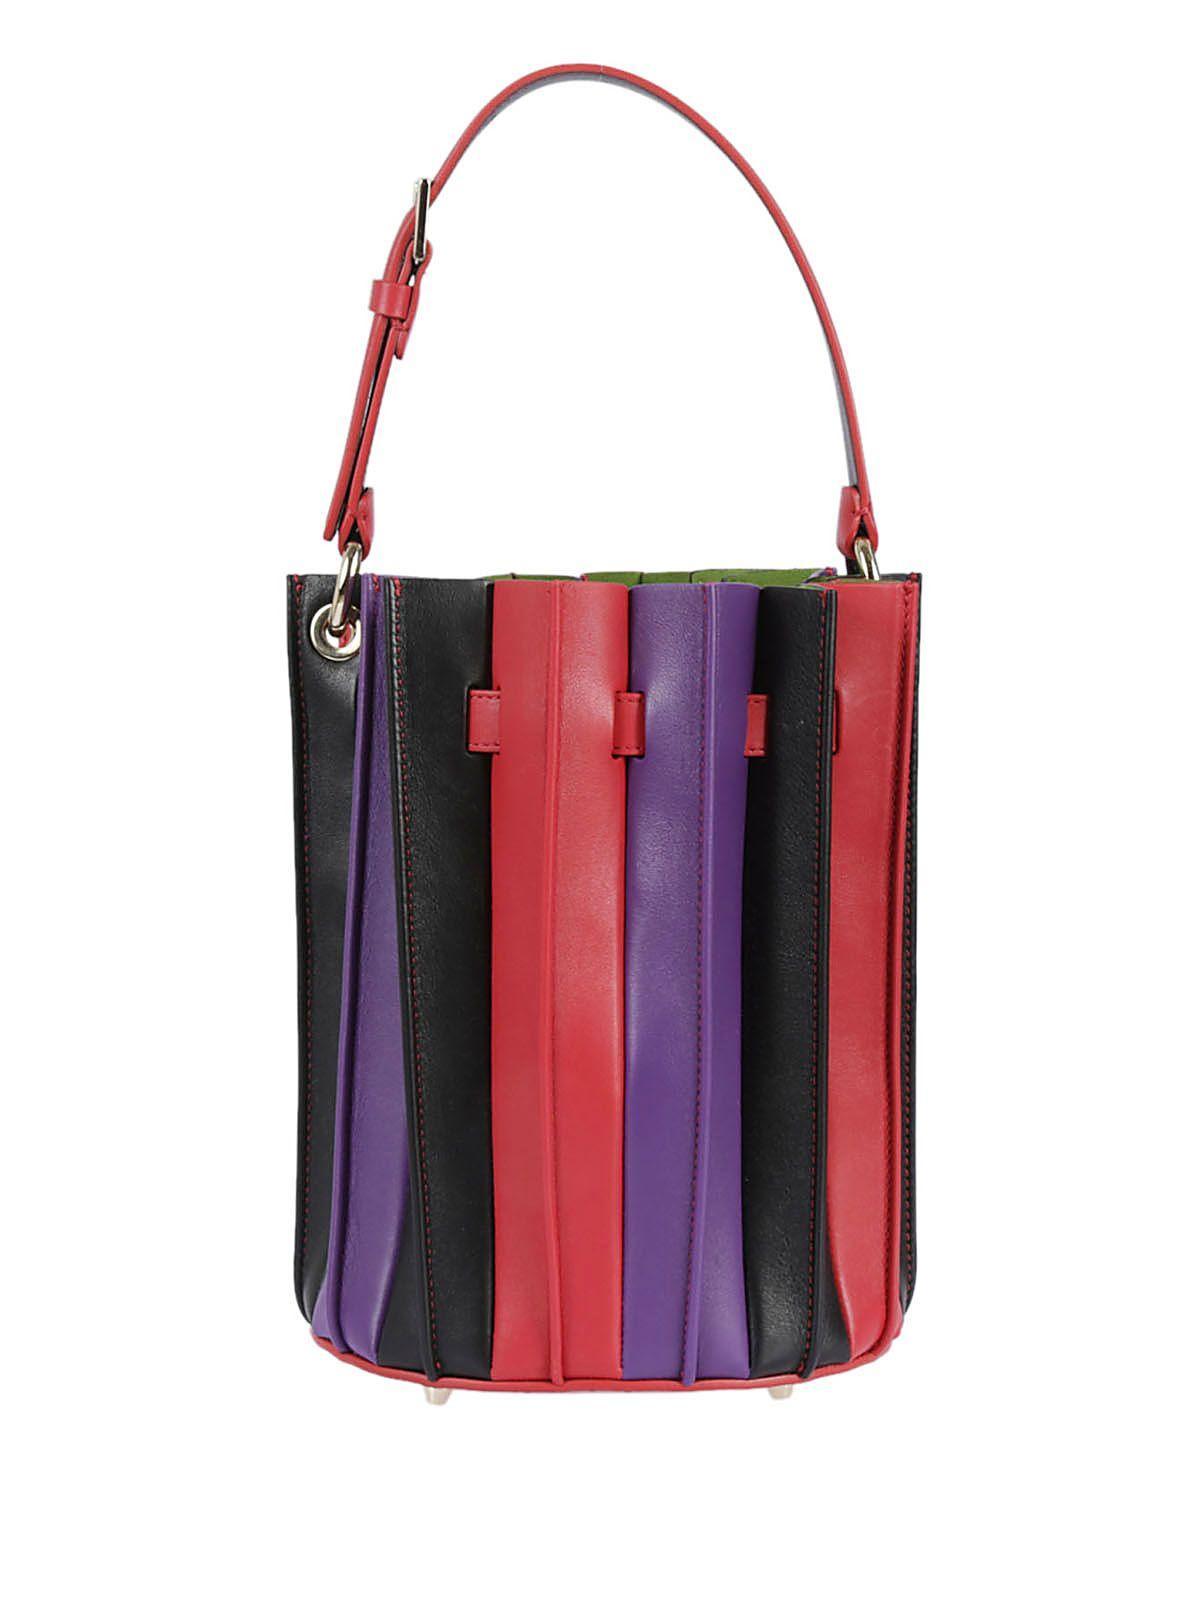 Sara Battaglia Fold Bucket Bag In Rosso-viola-nero